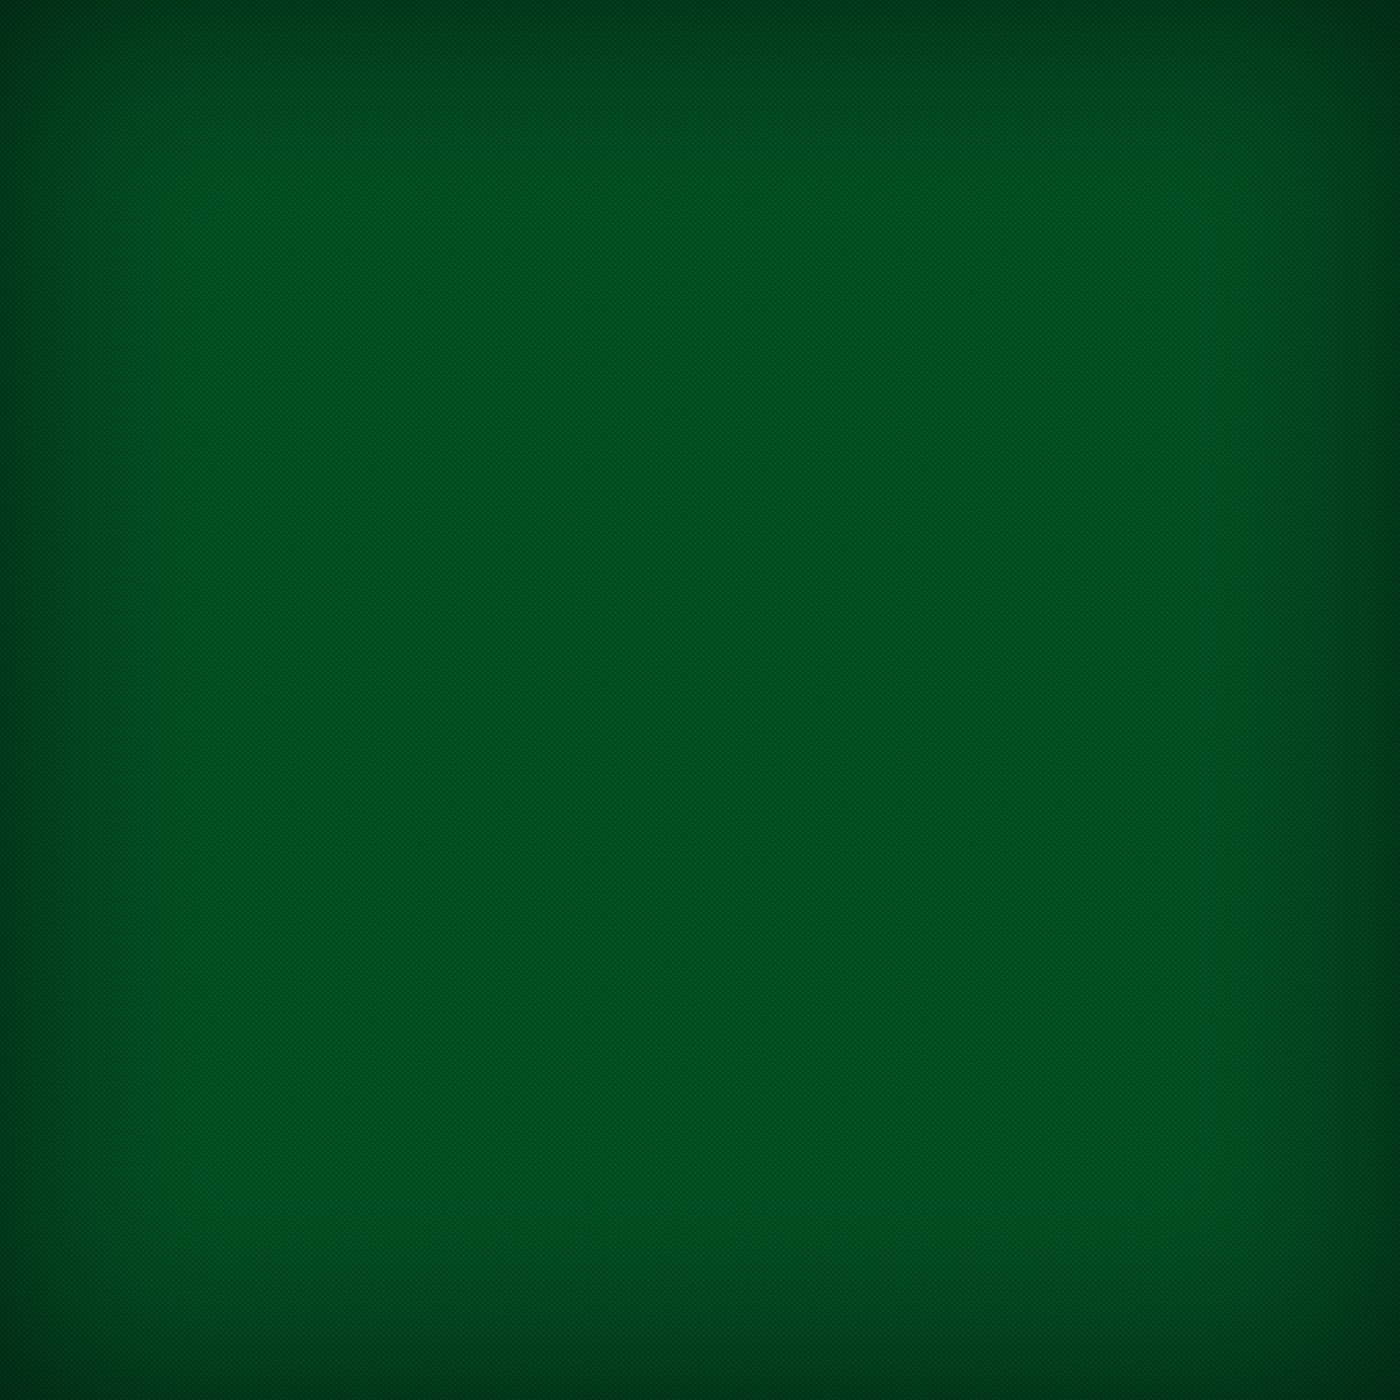 dark green background 2